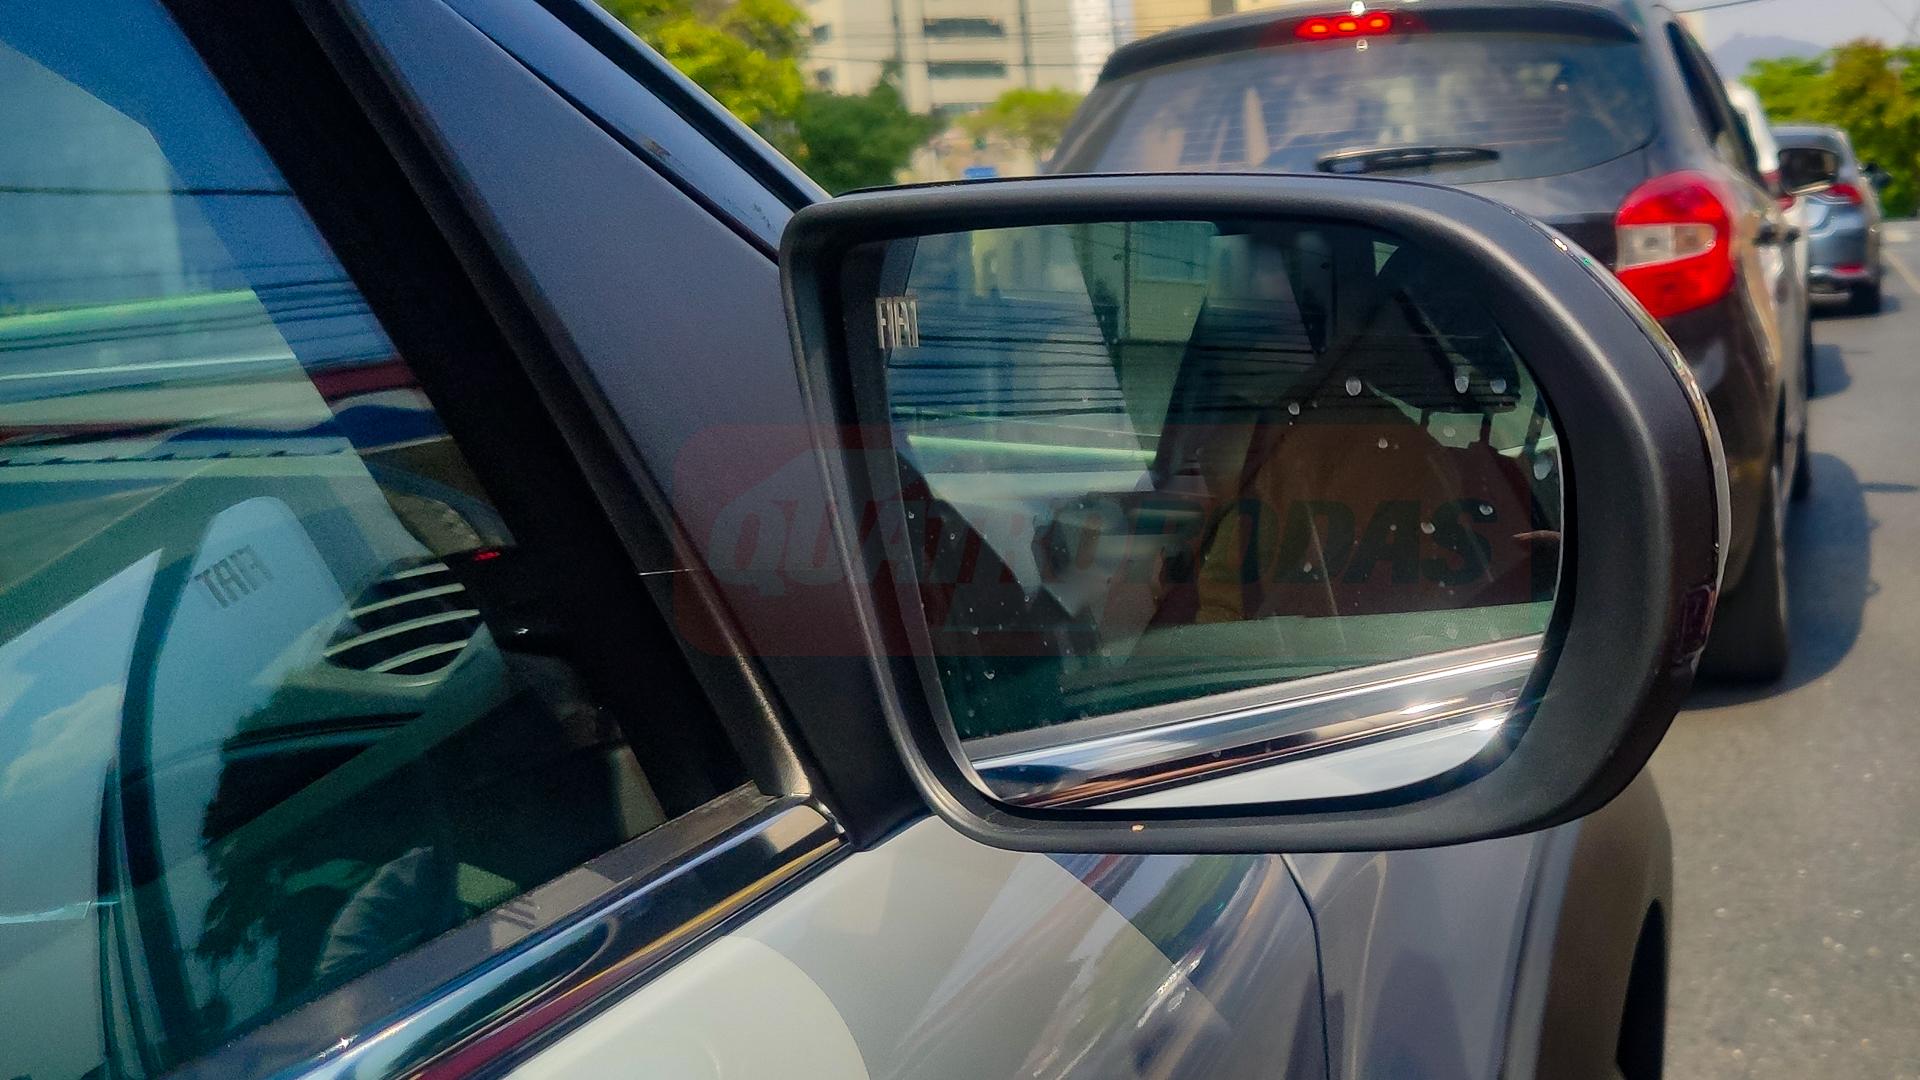 Logotipo da Fiat será iluminado para indicar veículos no ponto cego do motorista. Sensores no espelho central indicam acendimento automático dos faróis e limpadores de para-brisas